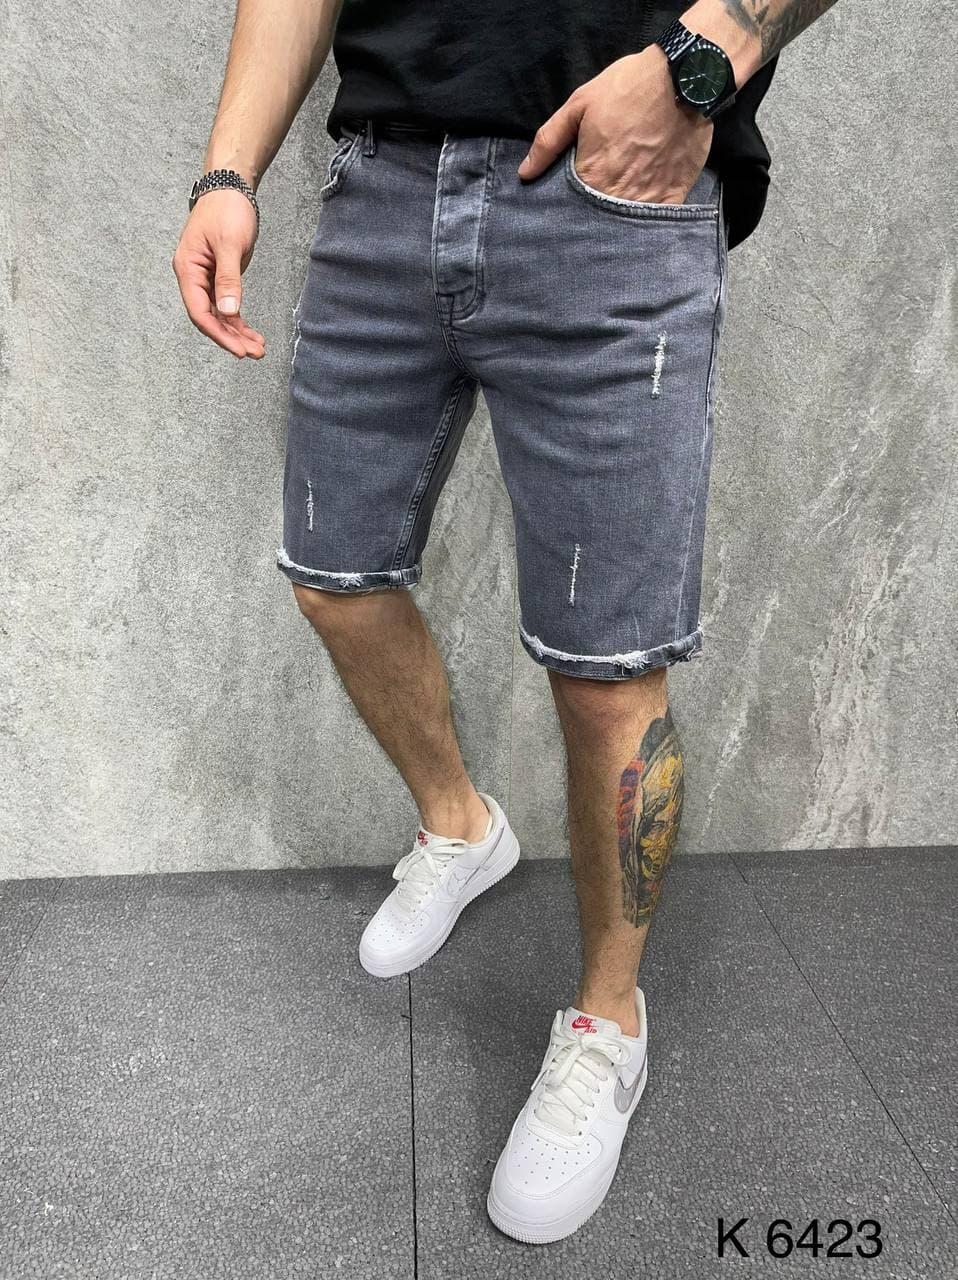 Мужские джинсовые шорты (темно-серый) легкие качественные бриджи A6423